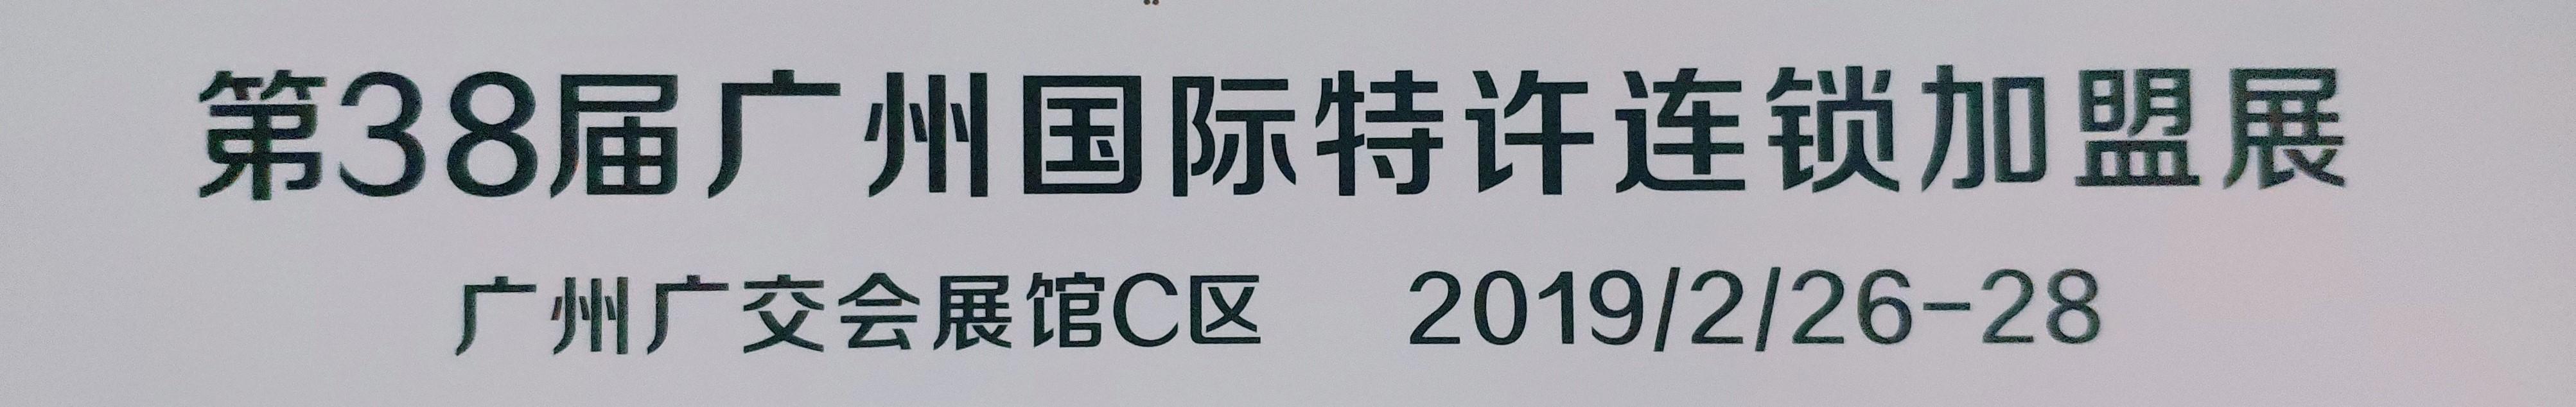 2019第三十八届广州国际特许连锁加盟展